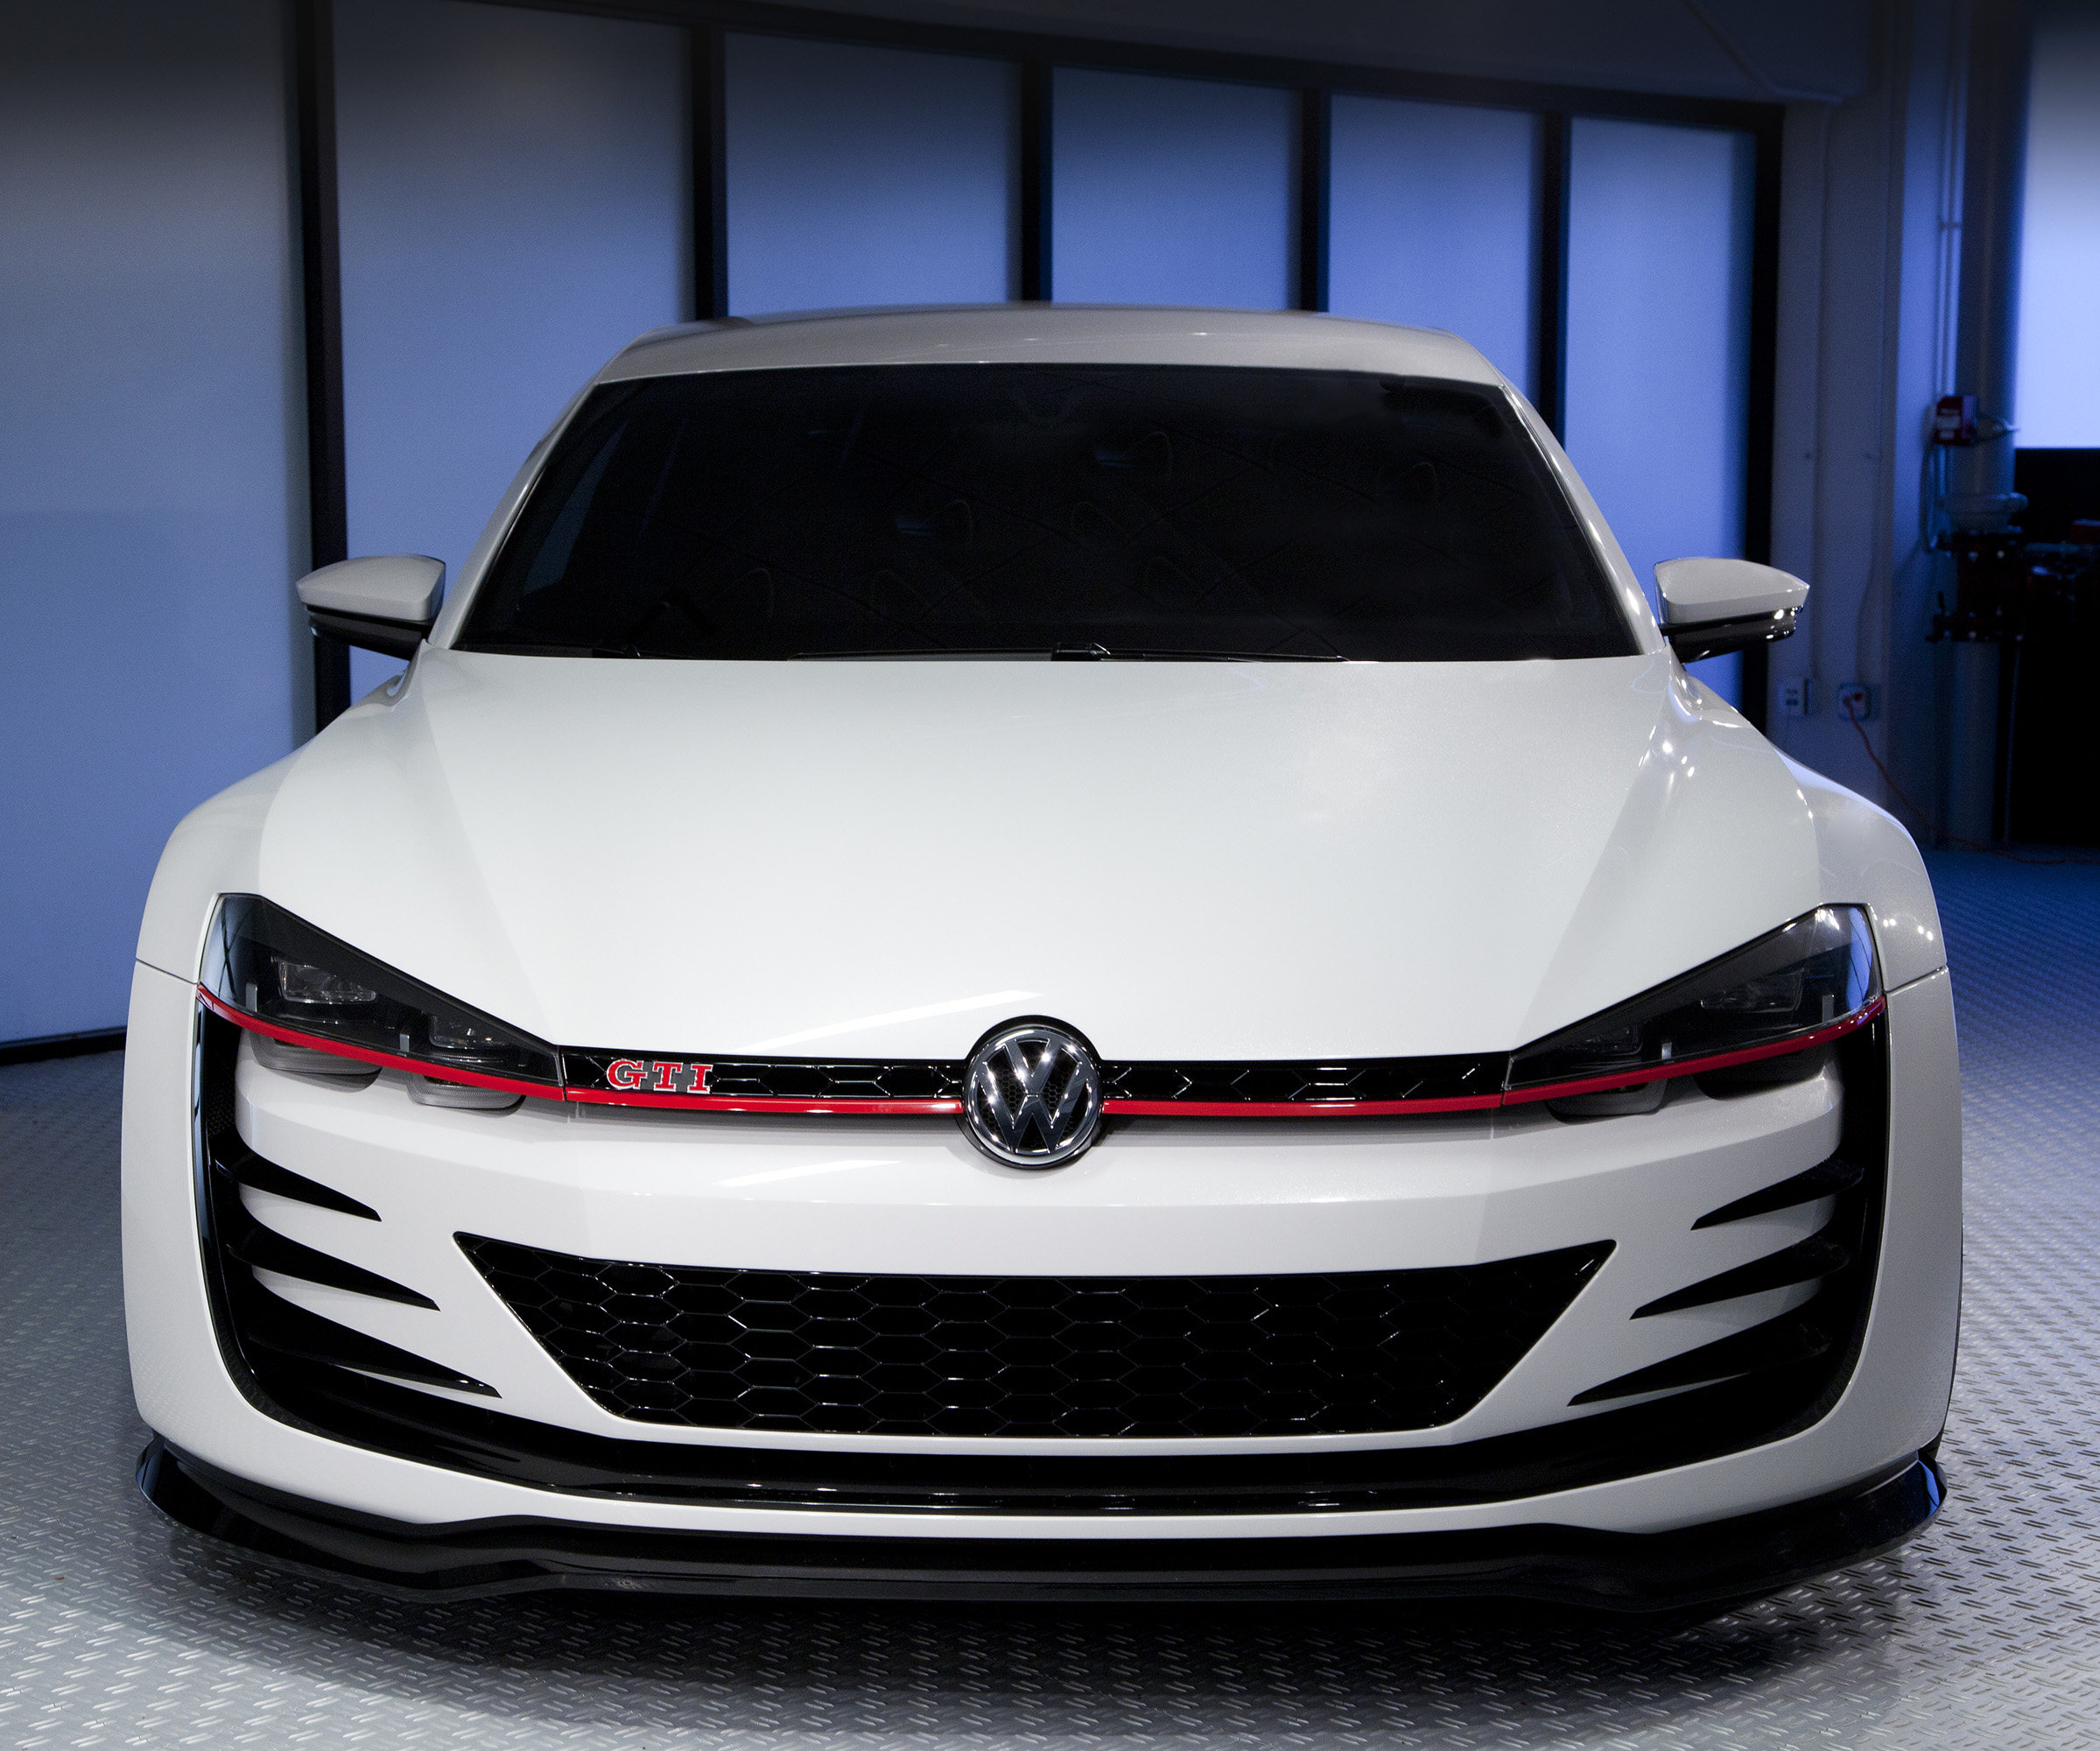 2013 Vw Golf Body Structure: 2013 Volkswagen Golf Design Vision GTI